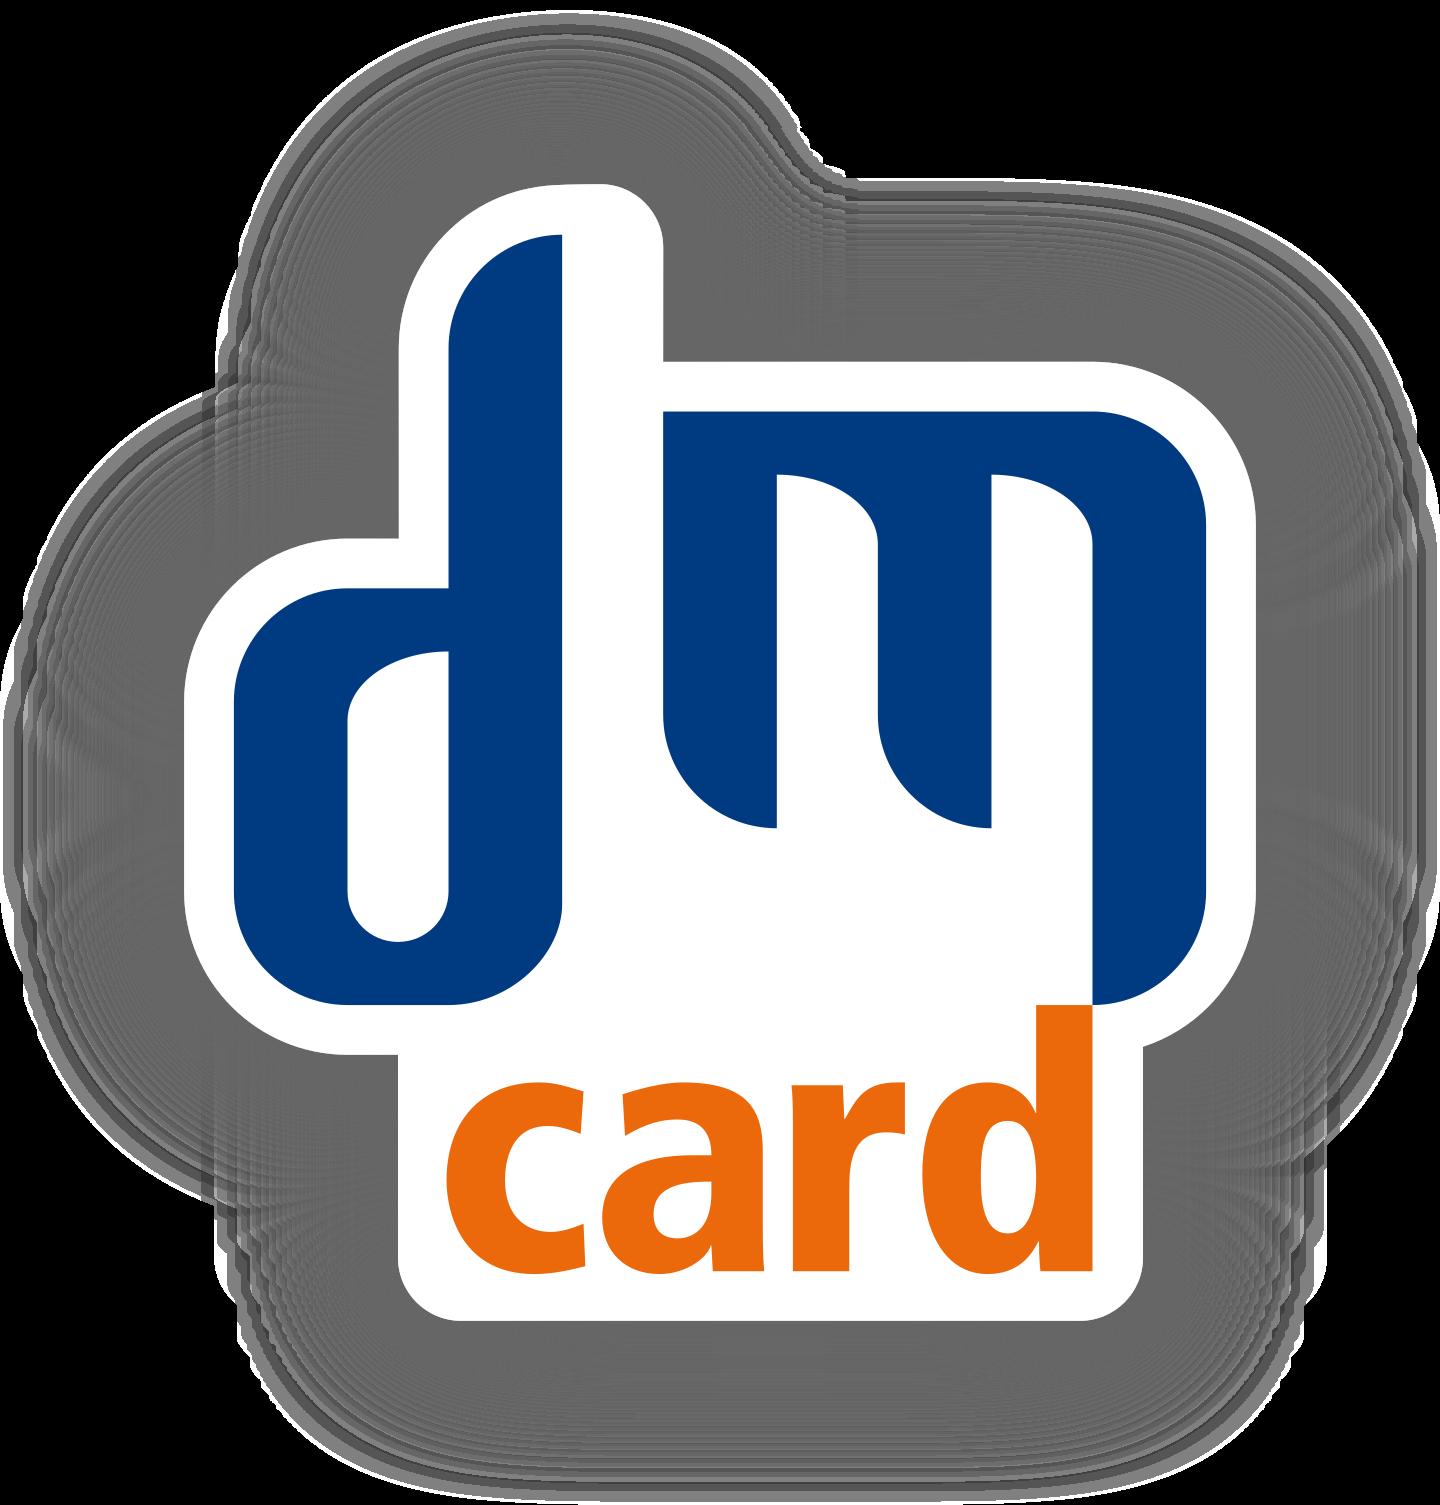 dm card logo 2 - DM Card Logo